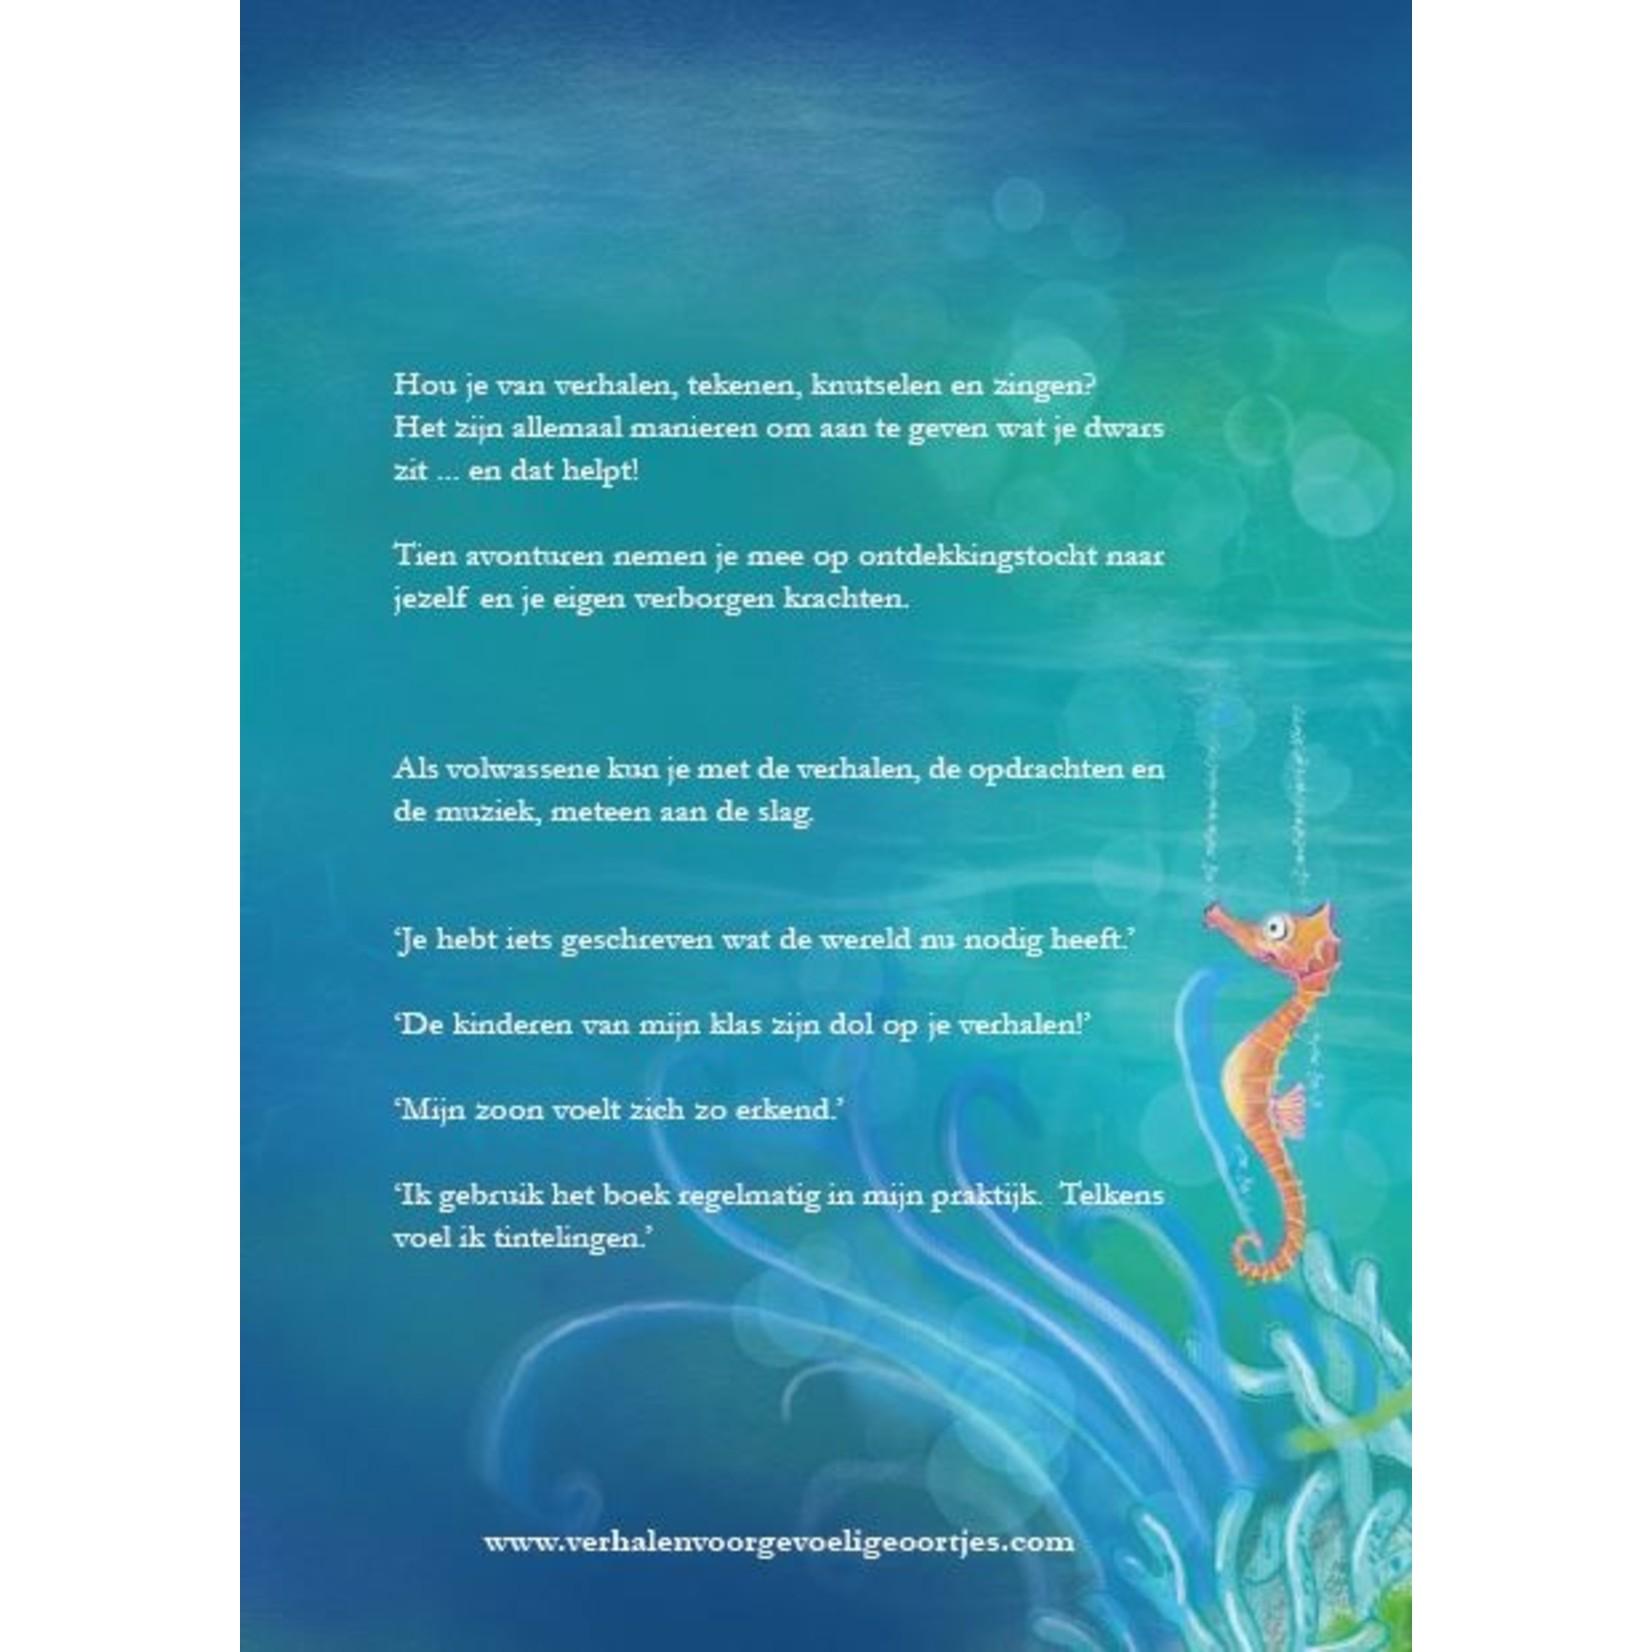 Verhalen voor gevoelige oortjes deel 2 - Wendy Janssens